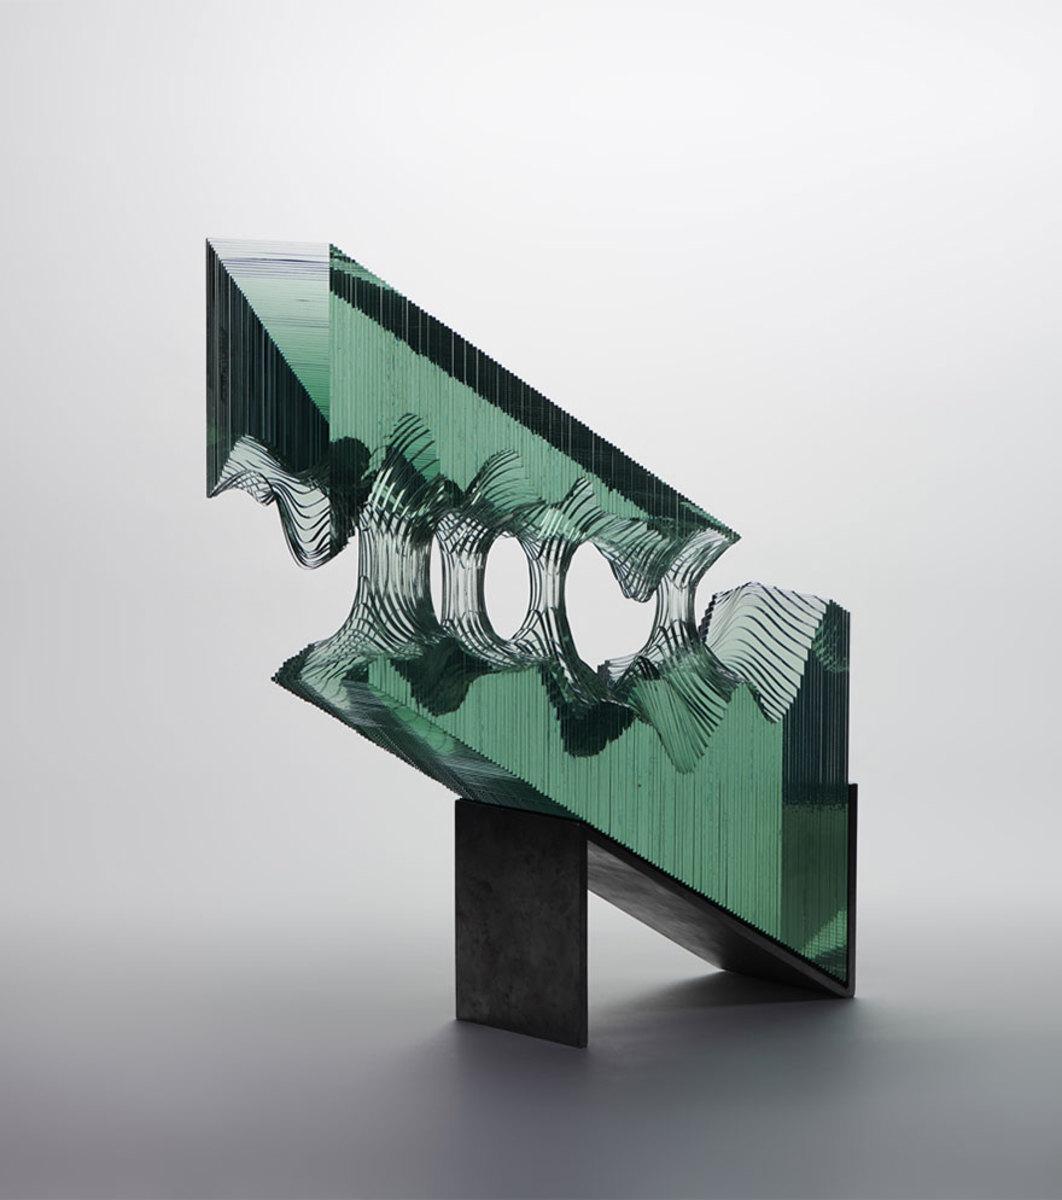 waves-glass-sculpture-ben-young-10